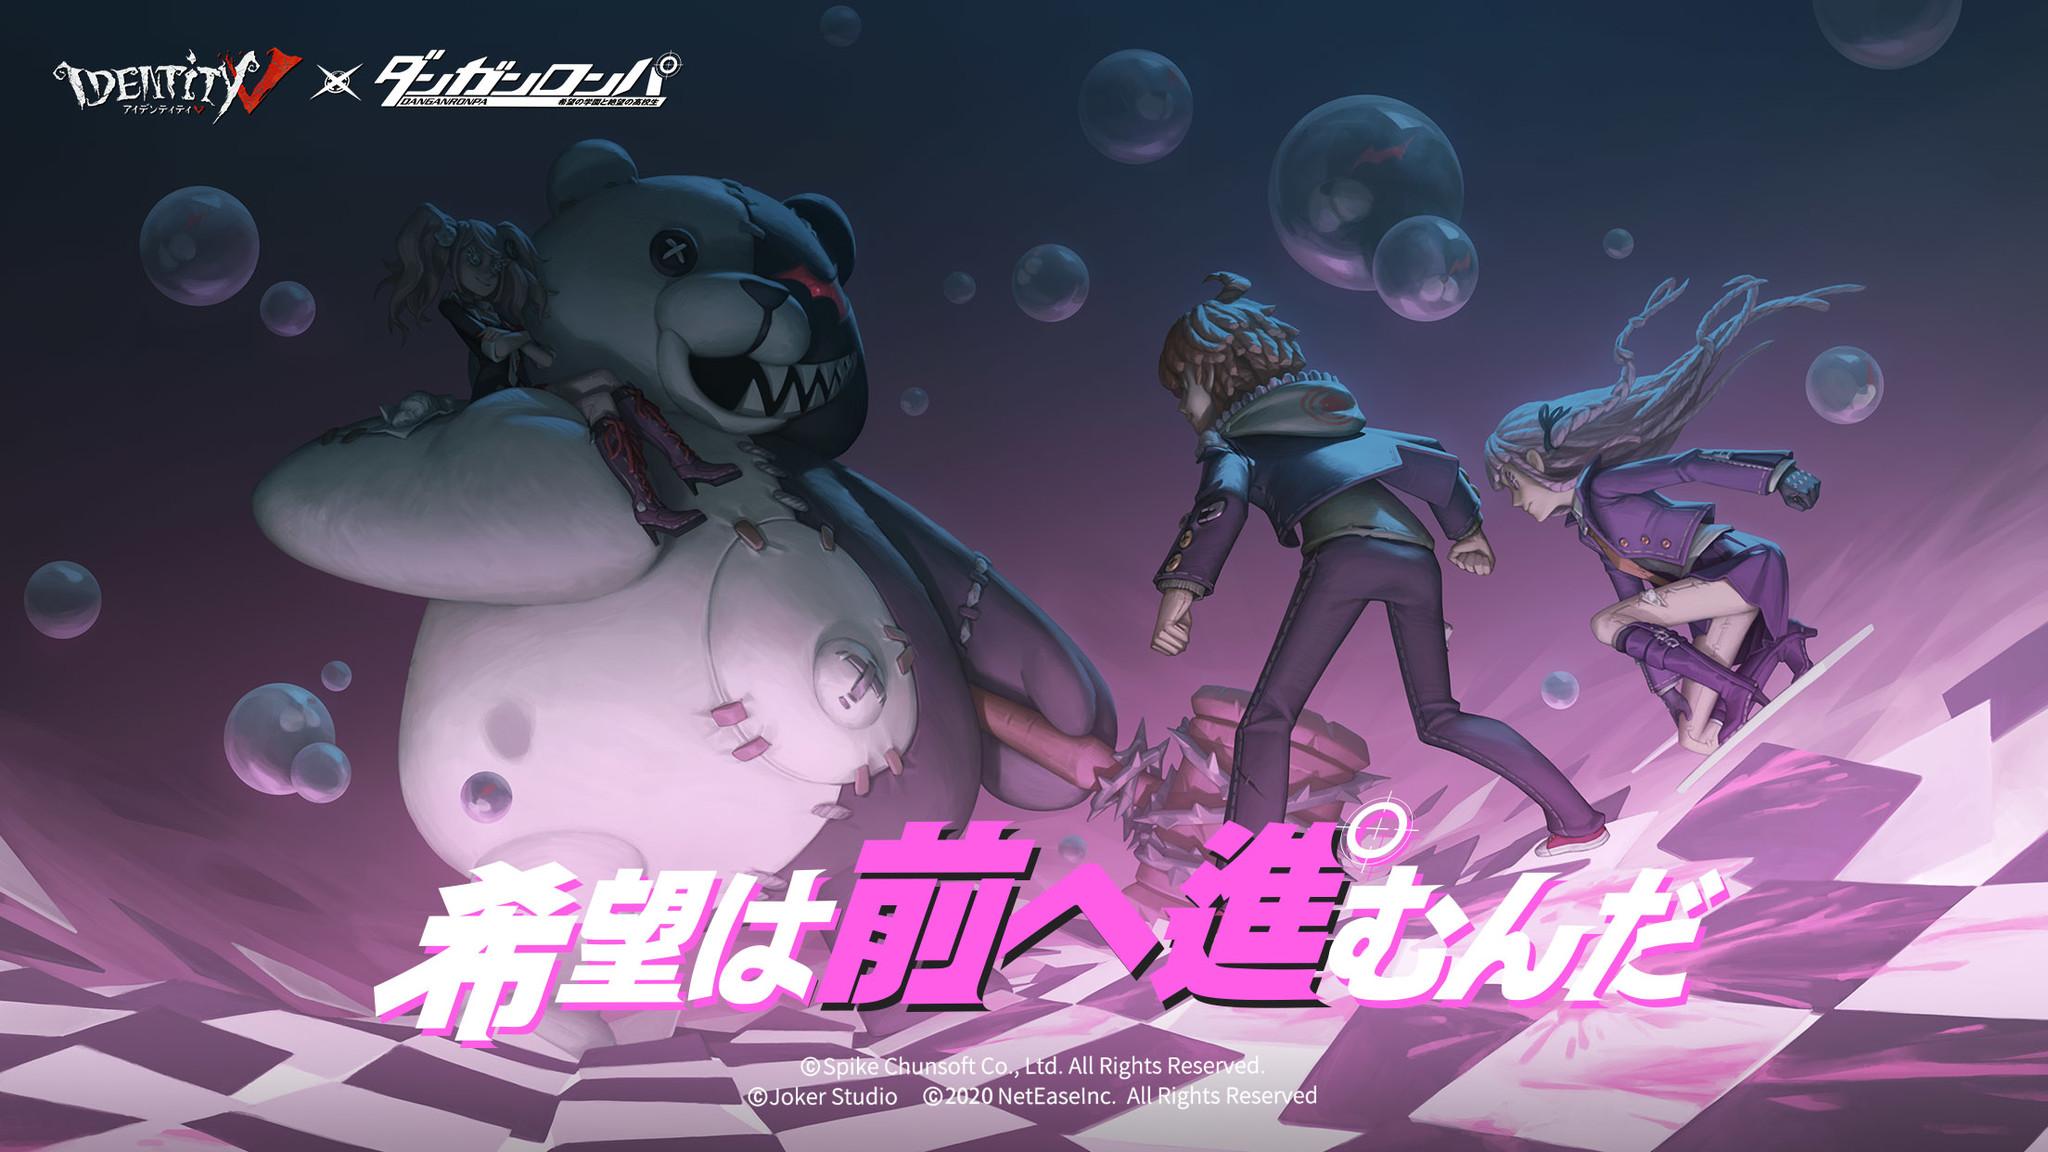 希望は前へ進むんだ Identity V ダンガンロンパ コラボイベント正式始動 Hong Kong Netease Interactive Entertainment Limited のプレスリリース